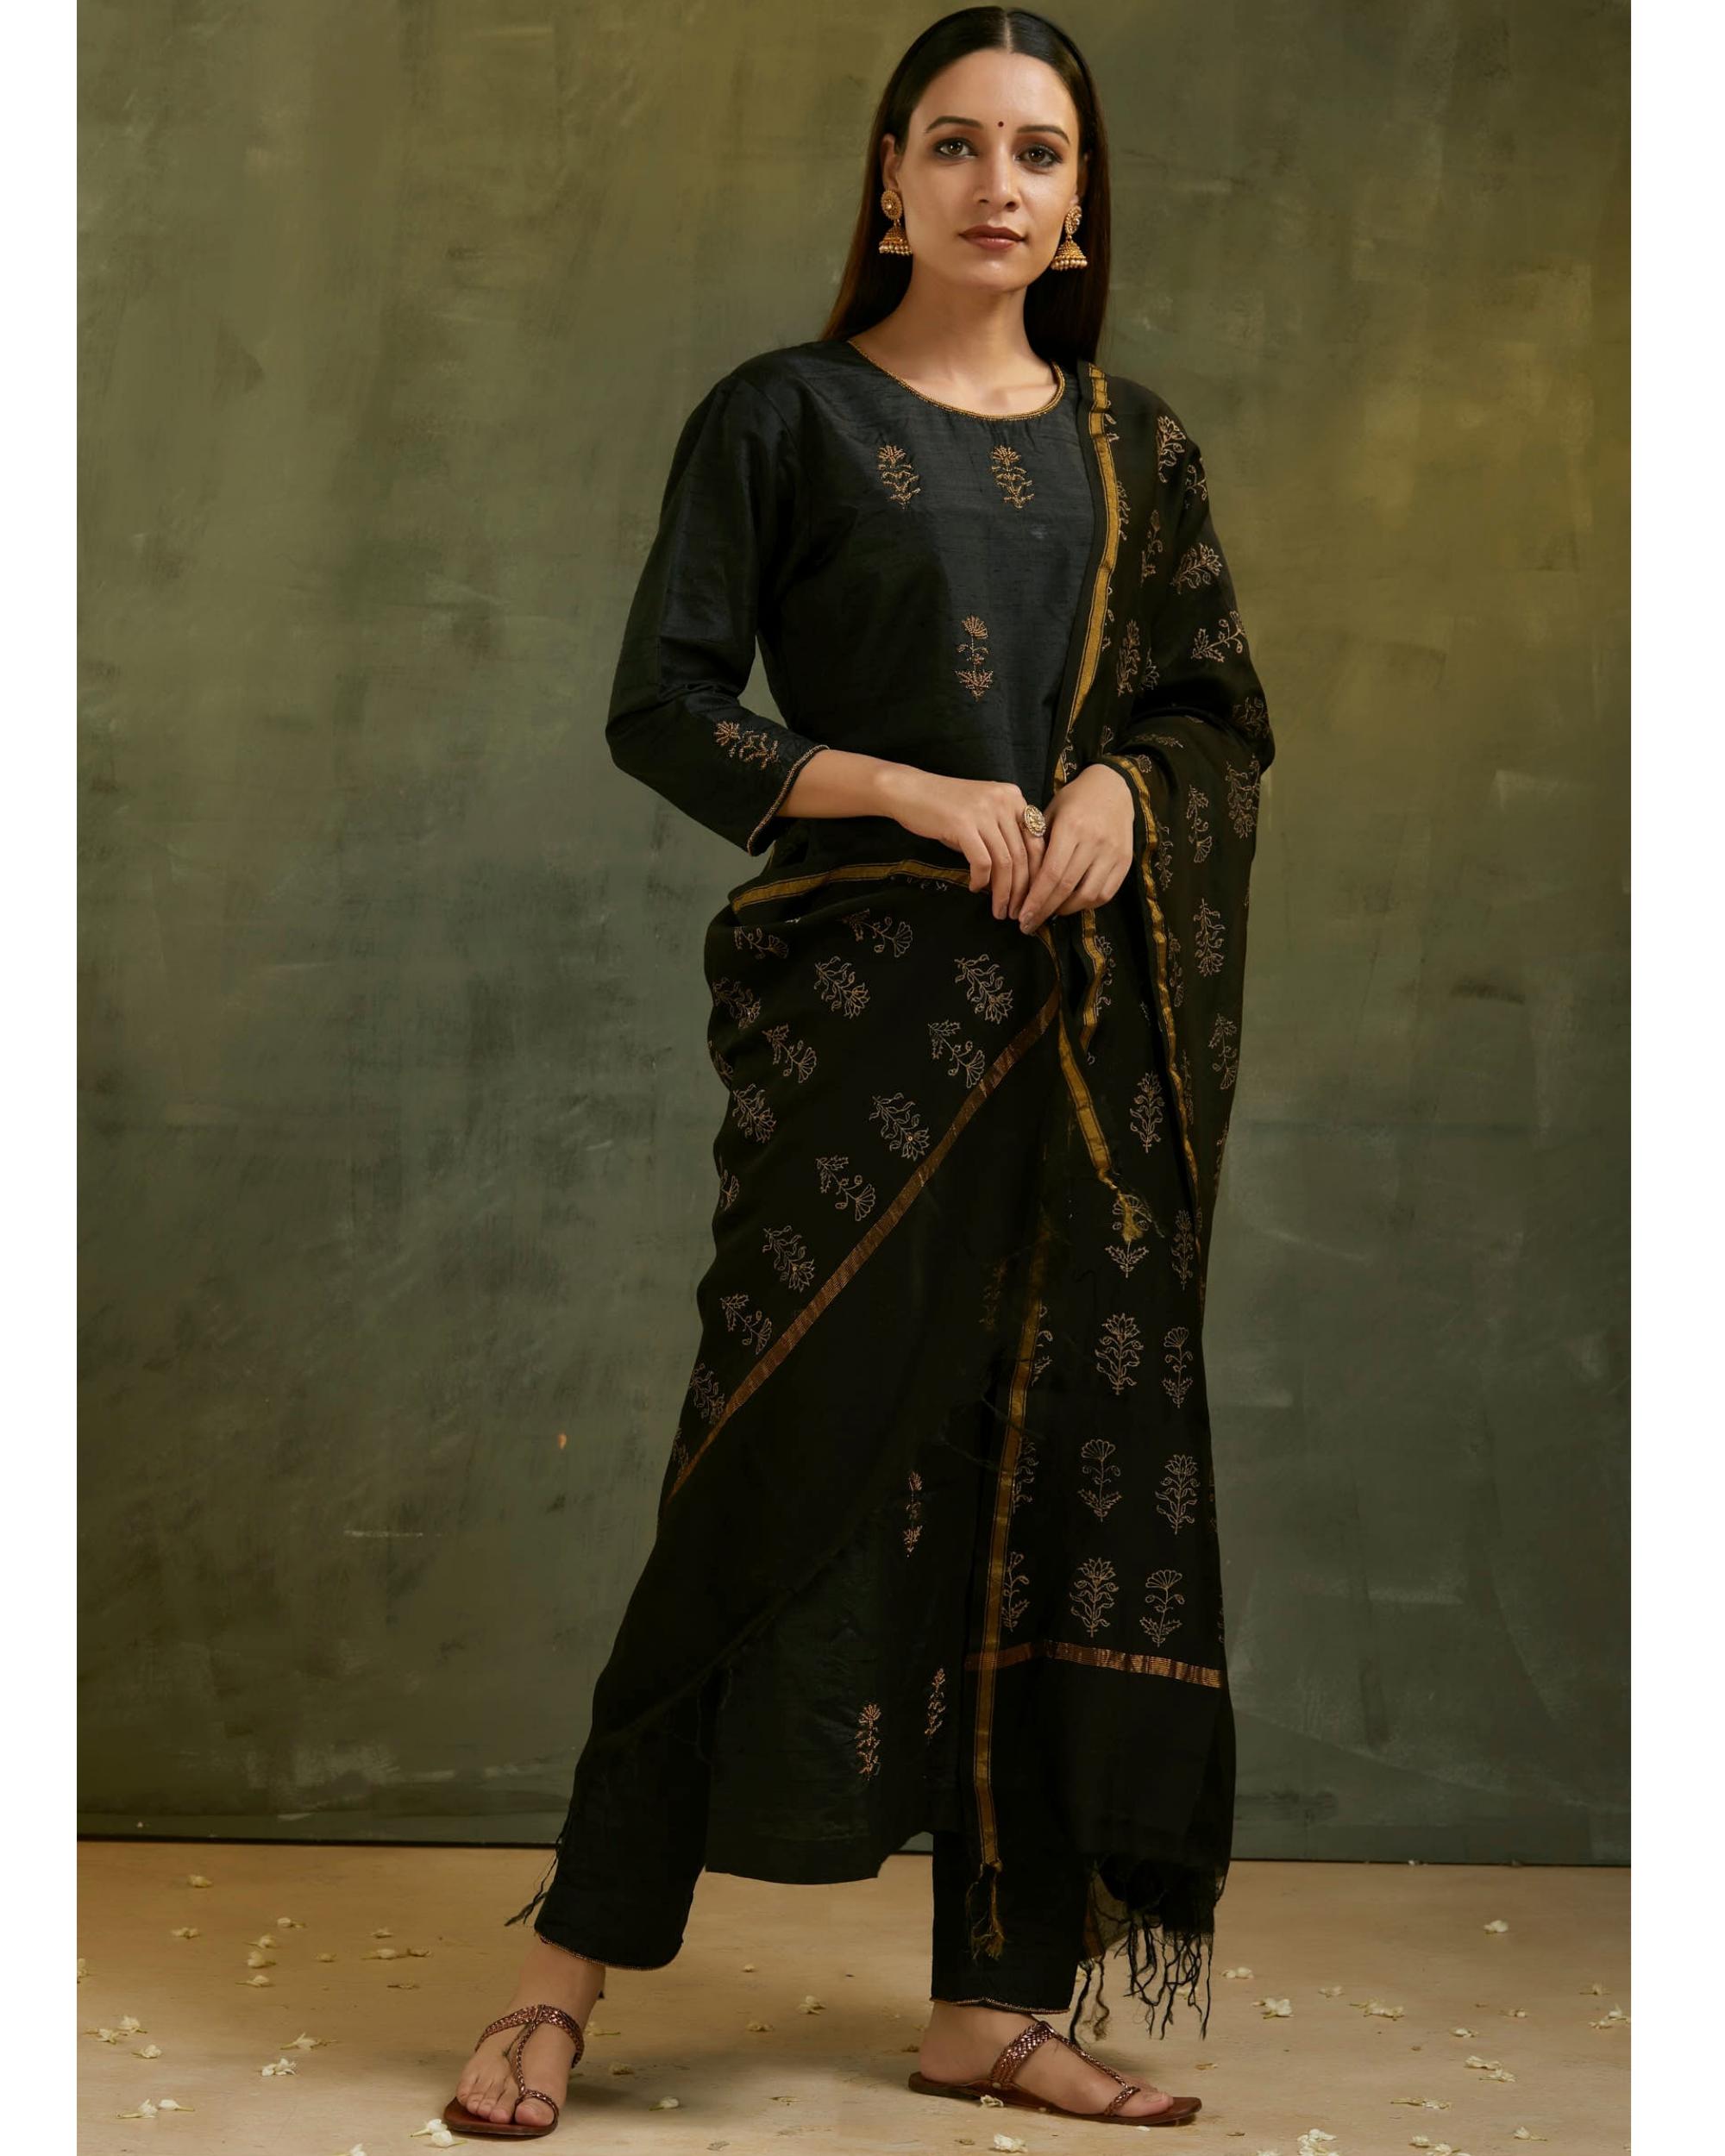 Charcoal black aari embroidered kurta set with black dupatta- Set of three